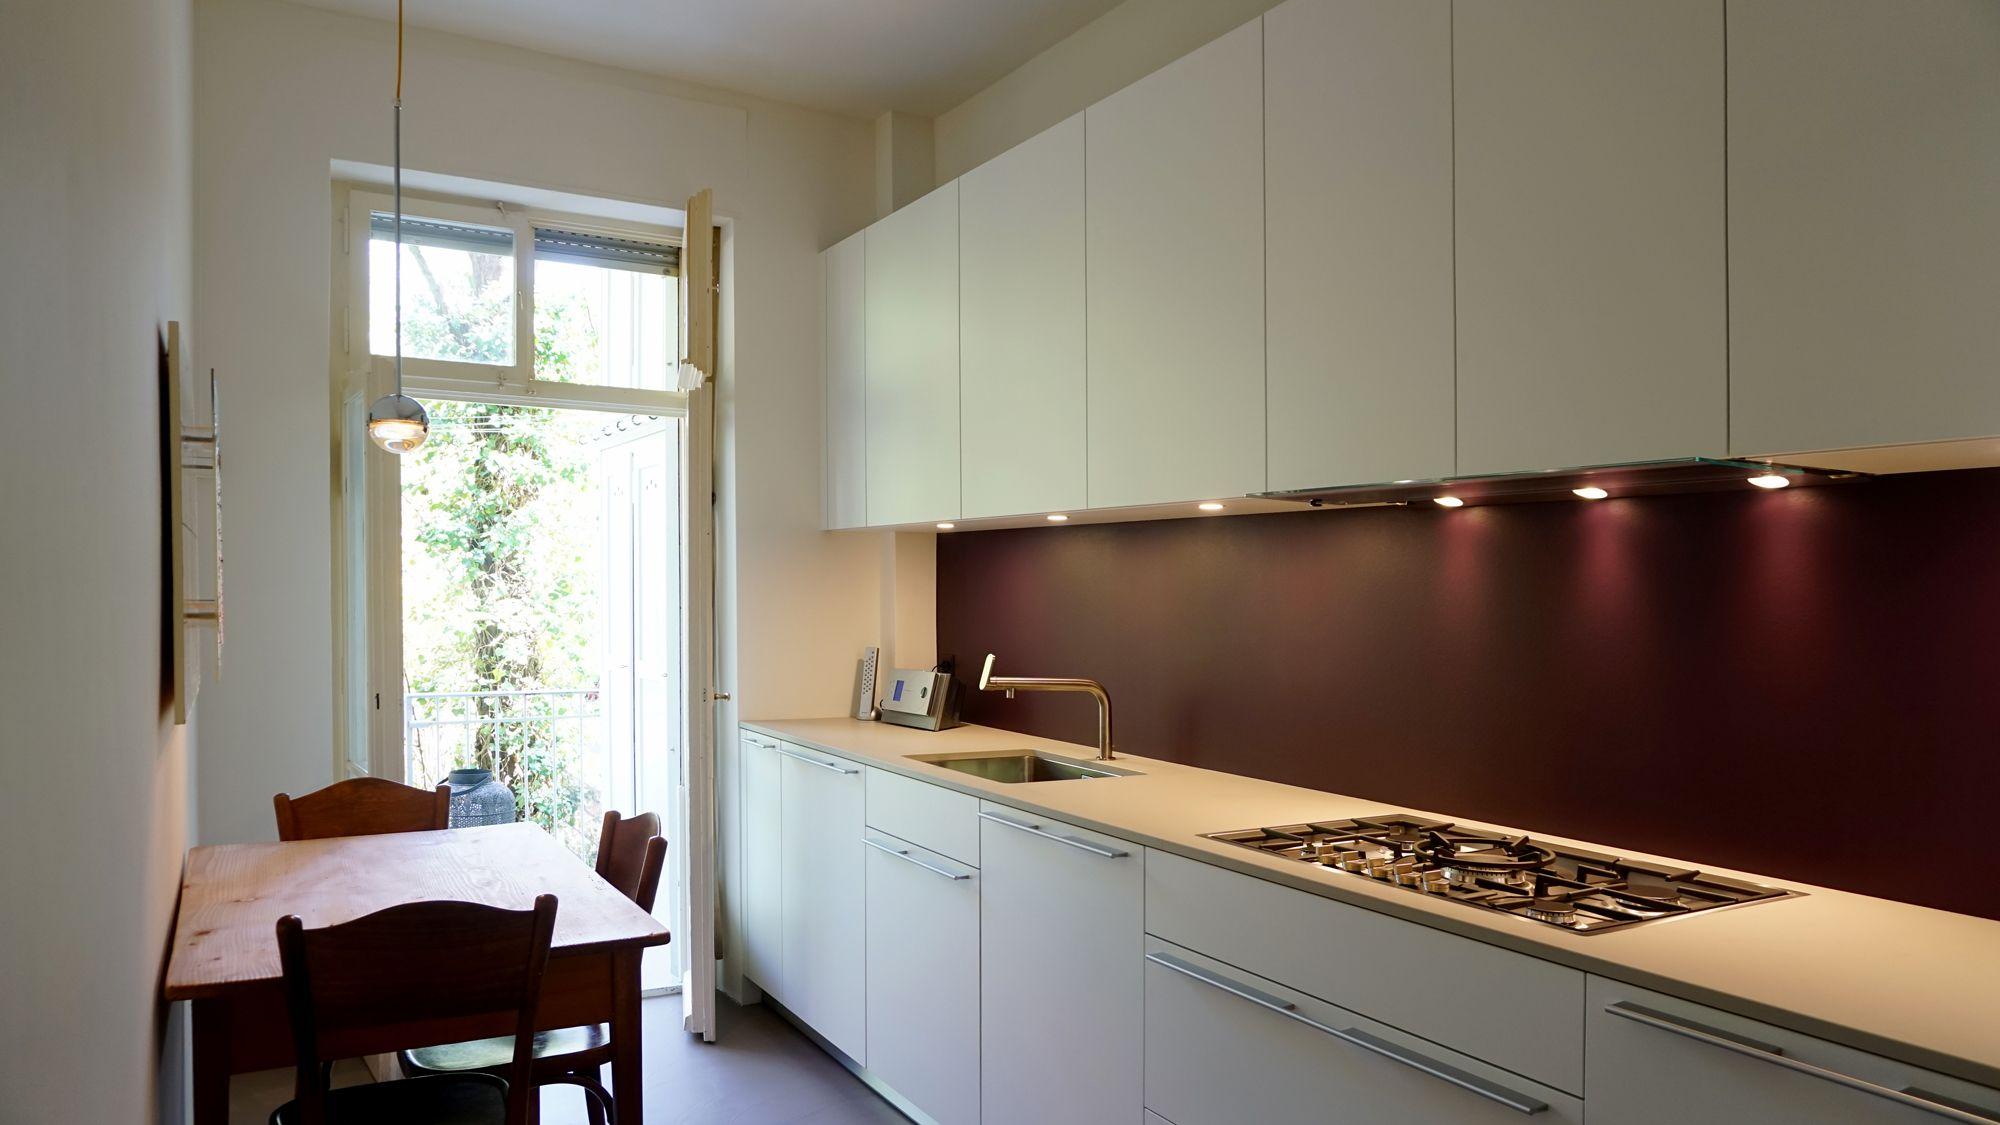 Berühmt Traum Küche Und Bad Ormond Beach Ideen - Ideen Für Die Küche ...